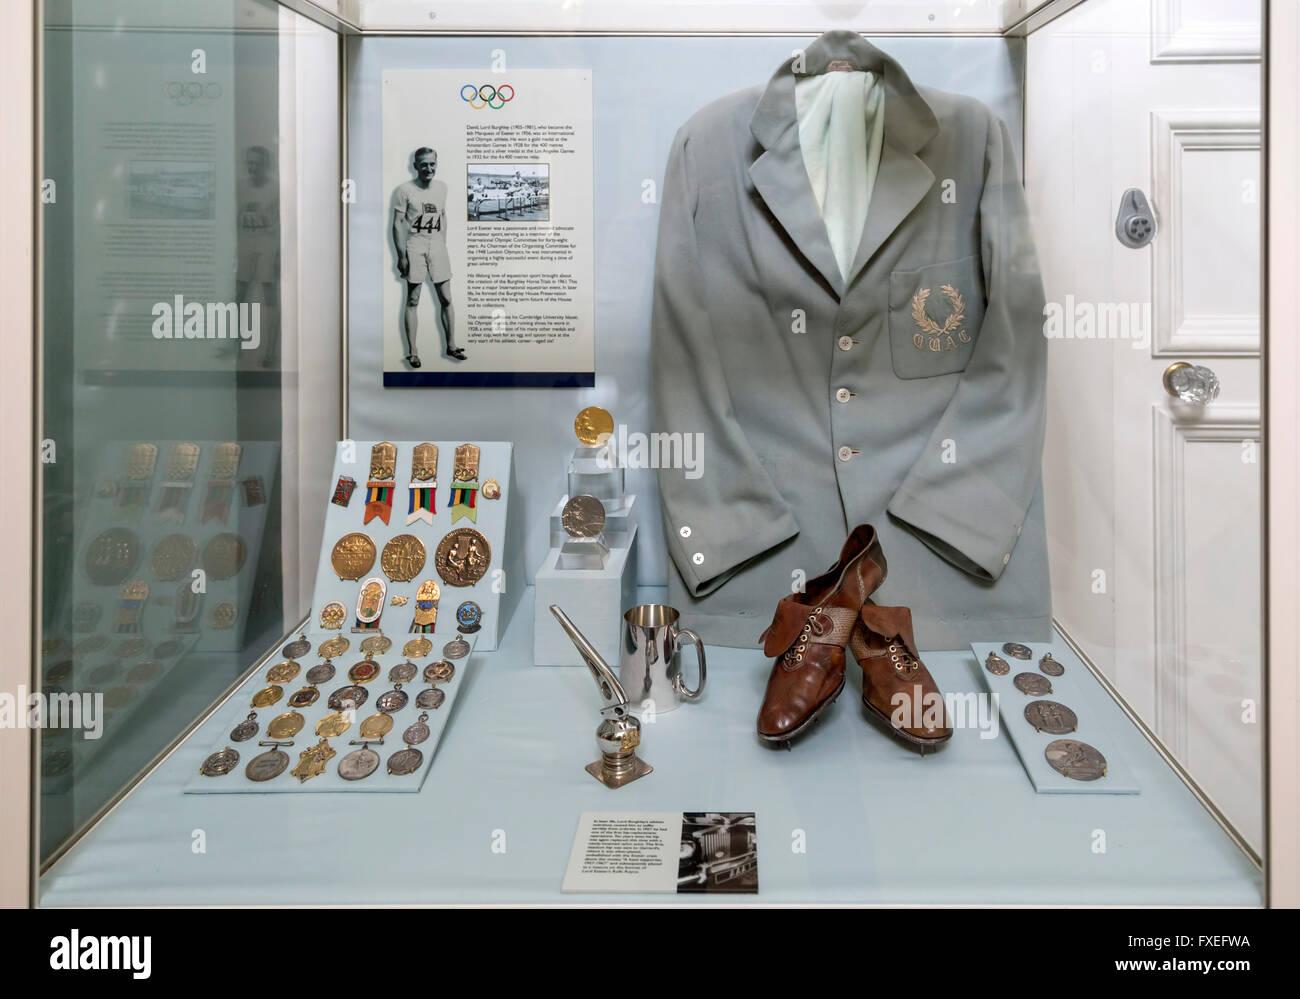 En caso de vidrio Burghley House, mostrando David Burghley, quien ganó la medalla de oro en los 400 m vallas en los Juegos Olímpicos de Verano de 1928. Foto de stock